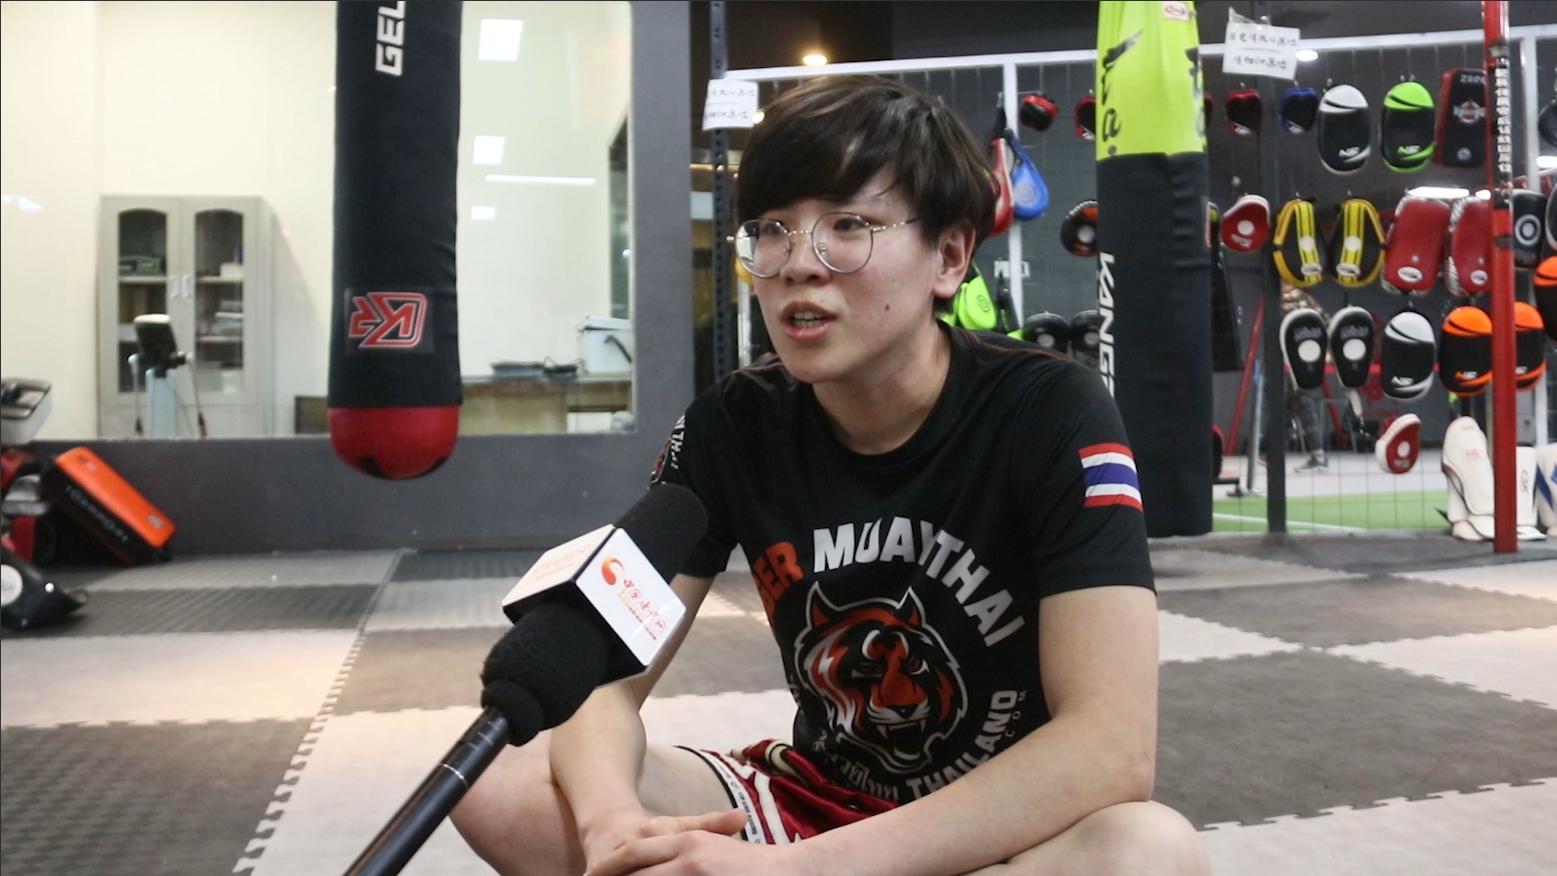 【洋芋蛋视频·三八特刊】甘肃省首位职业女子拳击手薛金玉:用双拳加冕为王(视频)